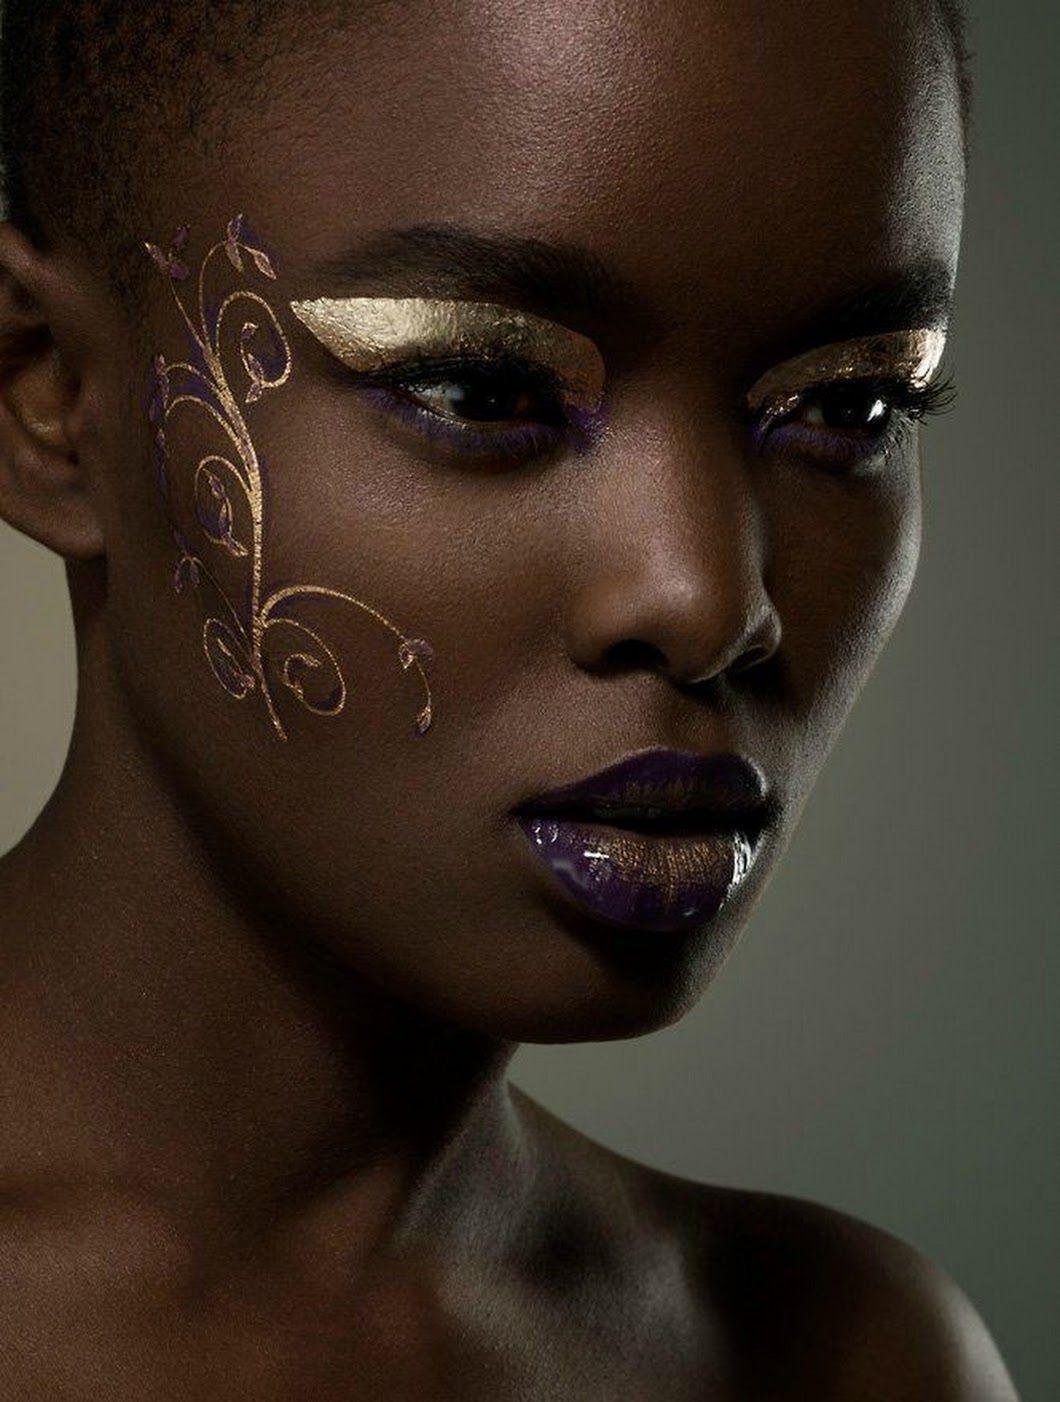 「283-黒人モデル」のアイデア 18 件 | 黒人モデル, 黒人, モデル